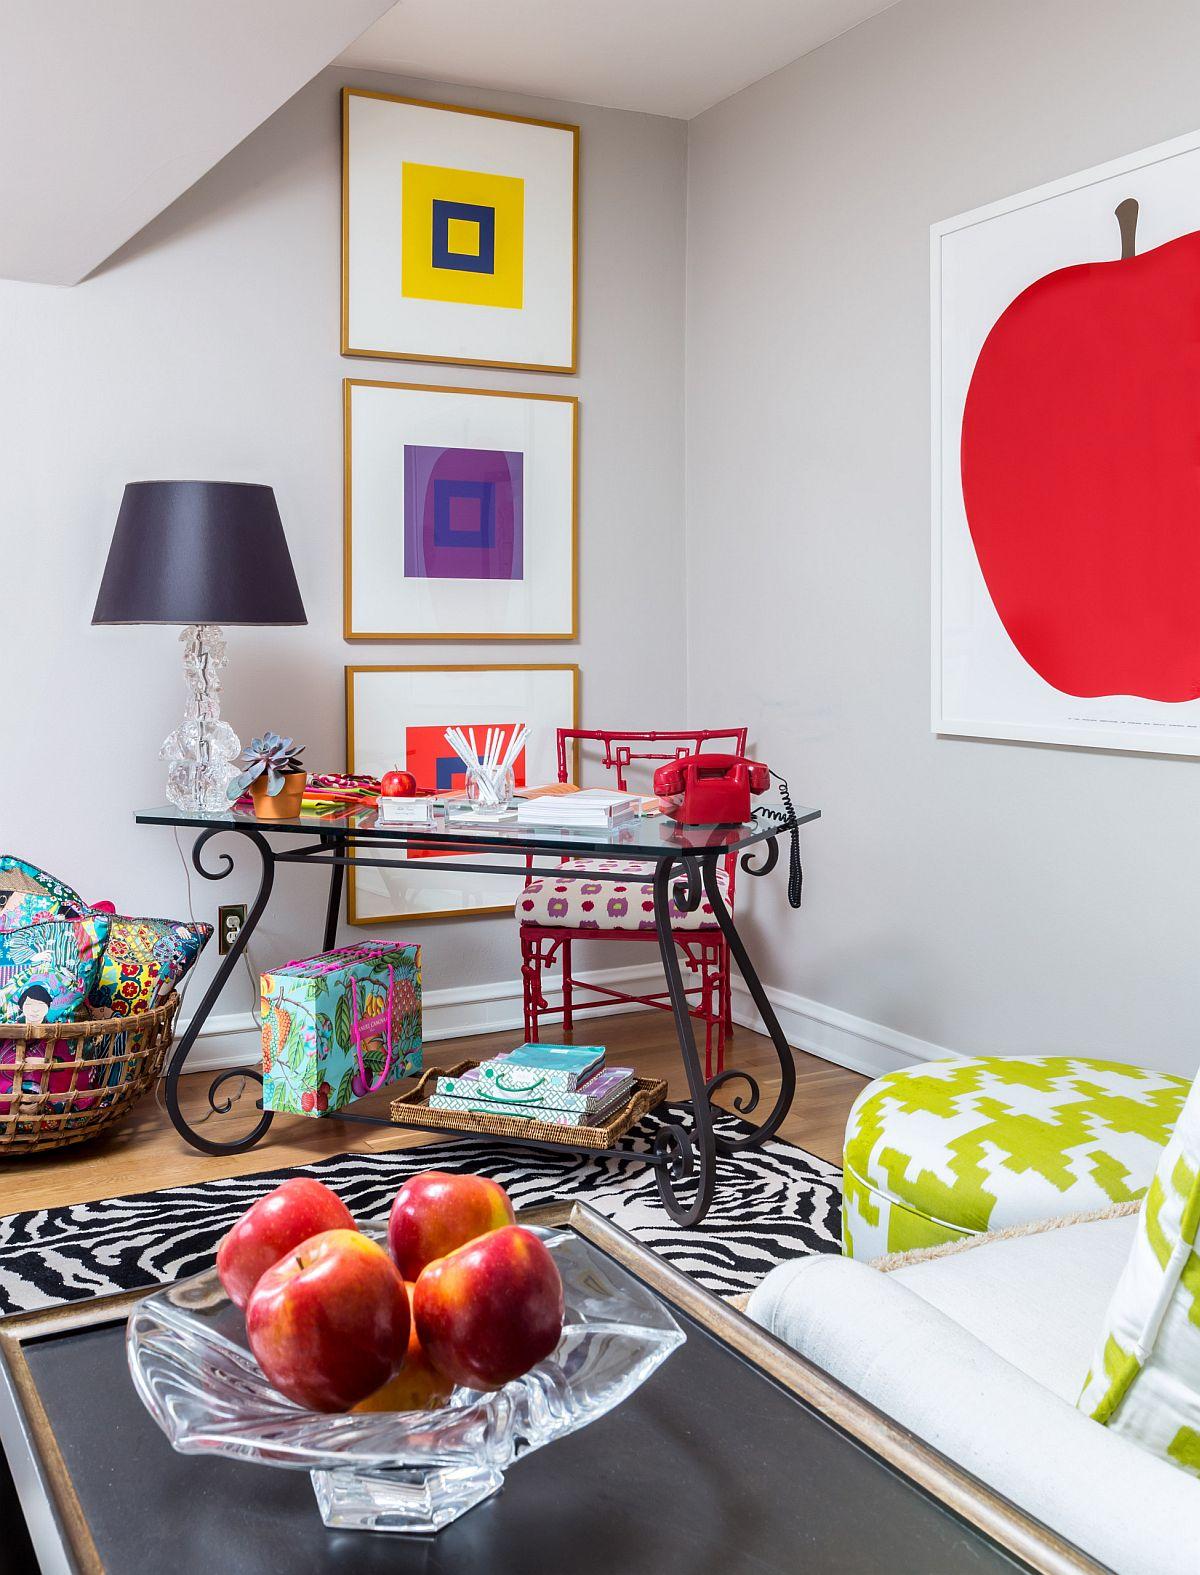 Phòng làm việc nhỏ tại nhà với phong cách chiết trung đầy màu sắc - Ảnh 7.